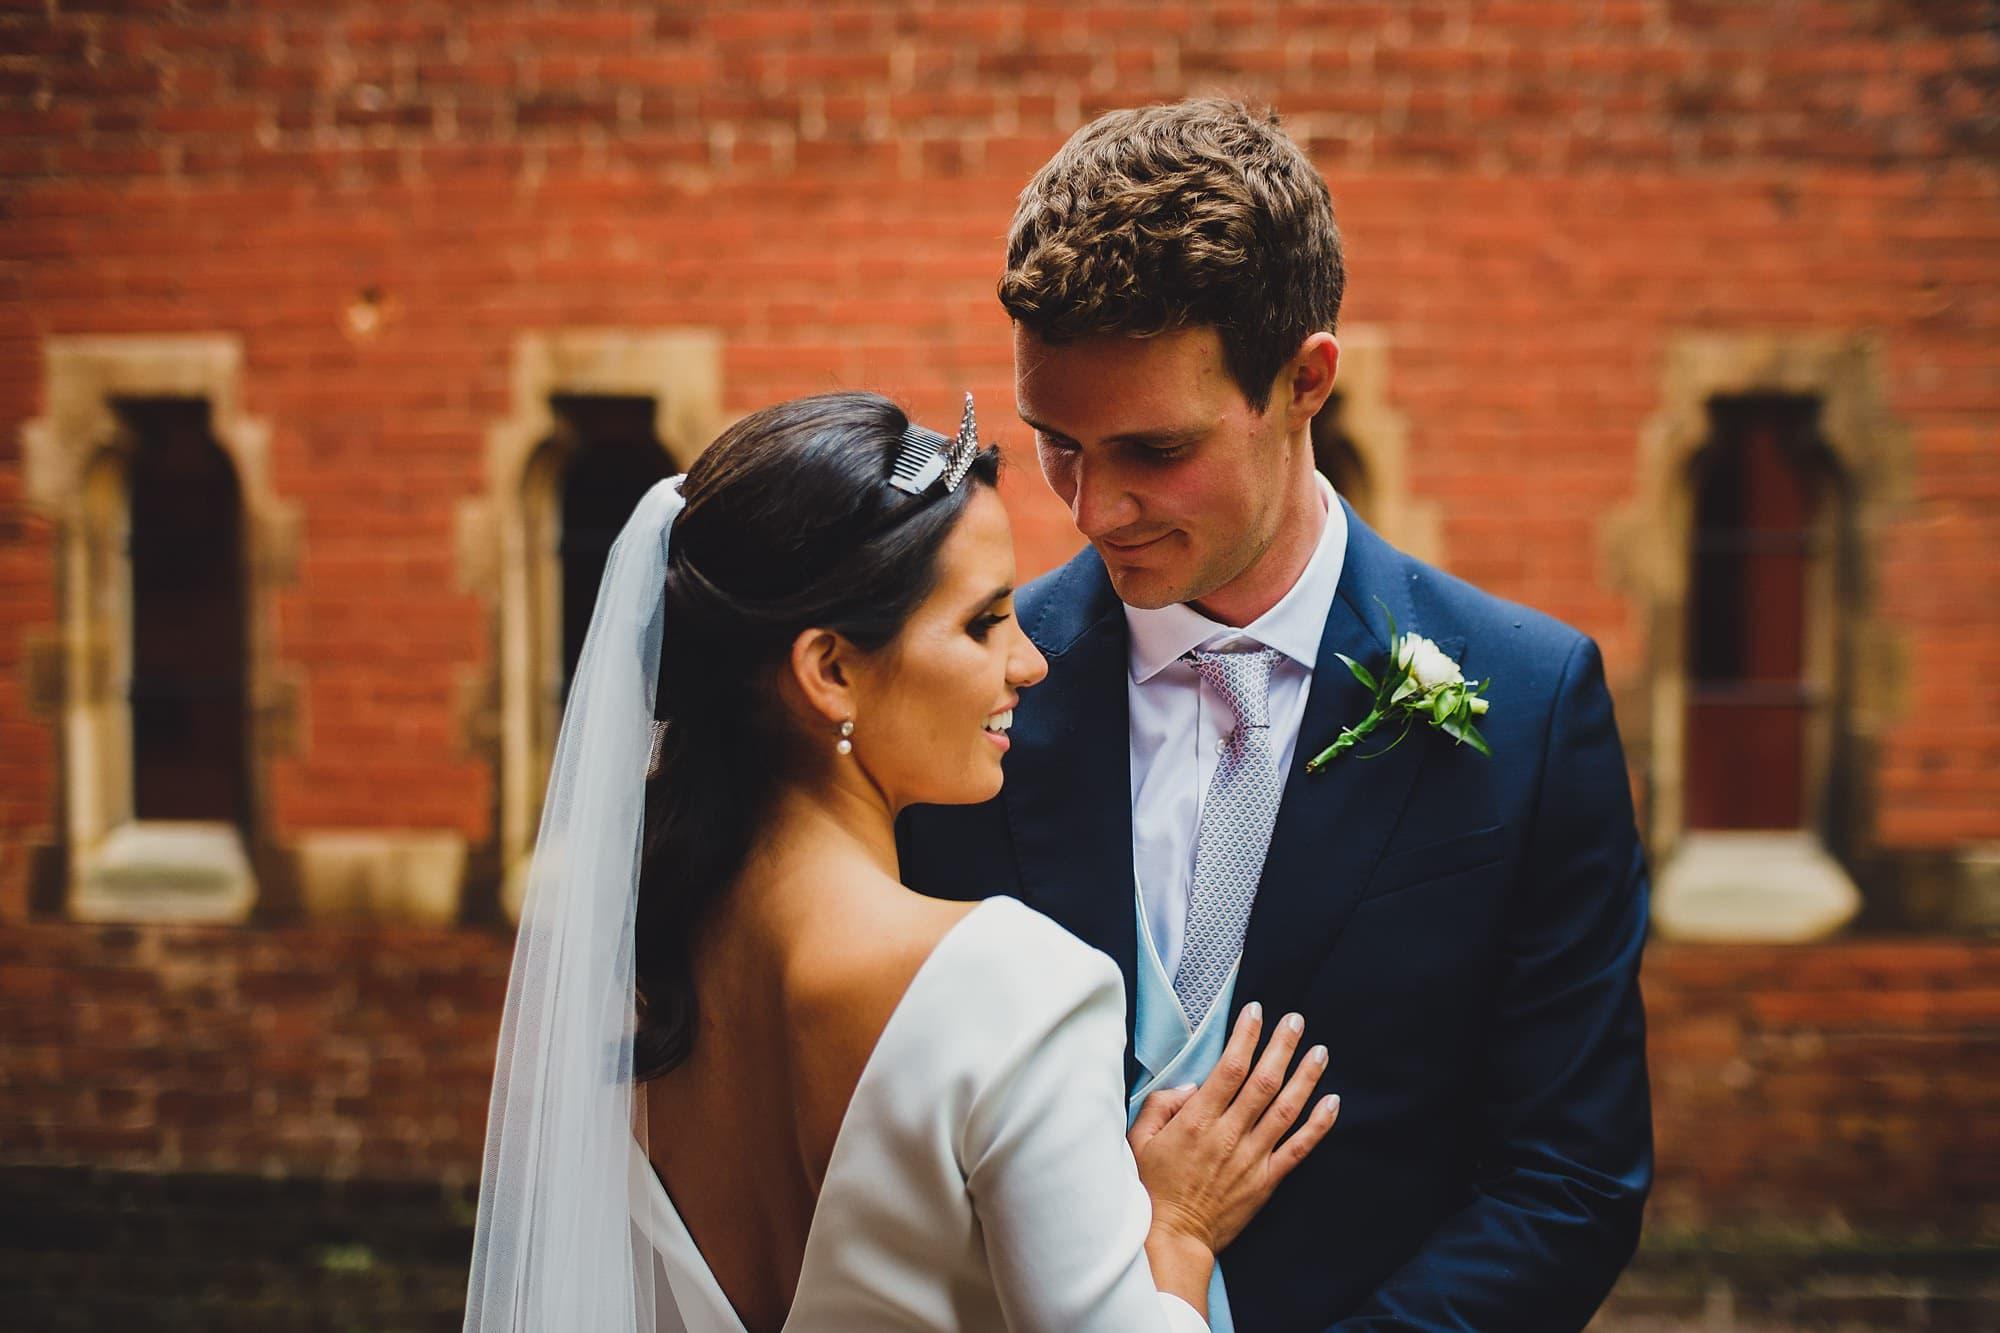 fulham palace wedding photographer ok 060 - Olivia + Kyle